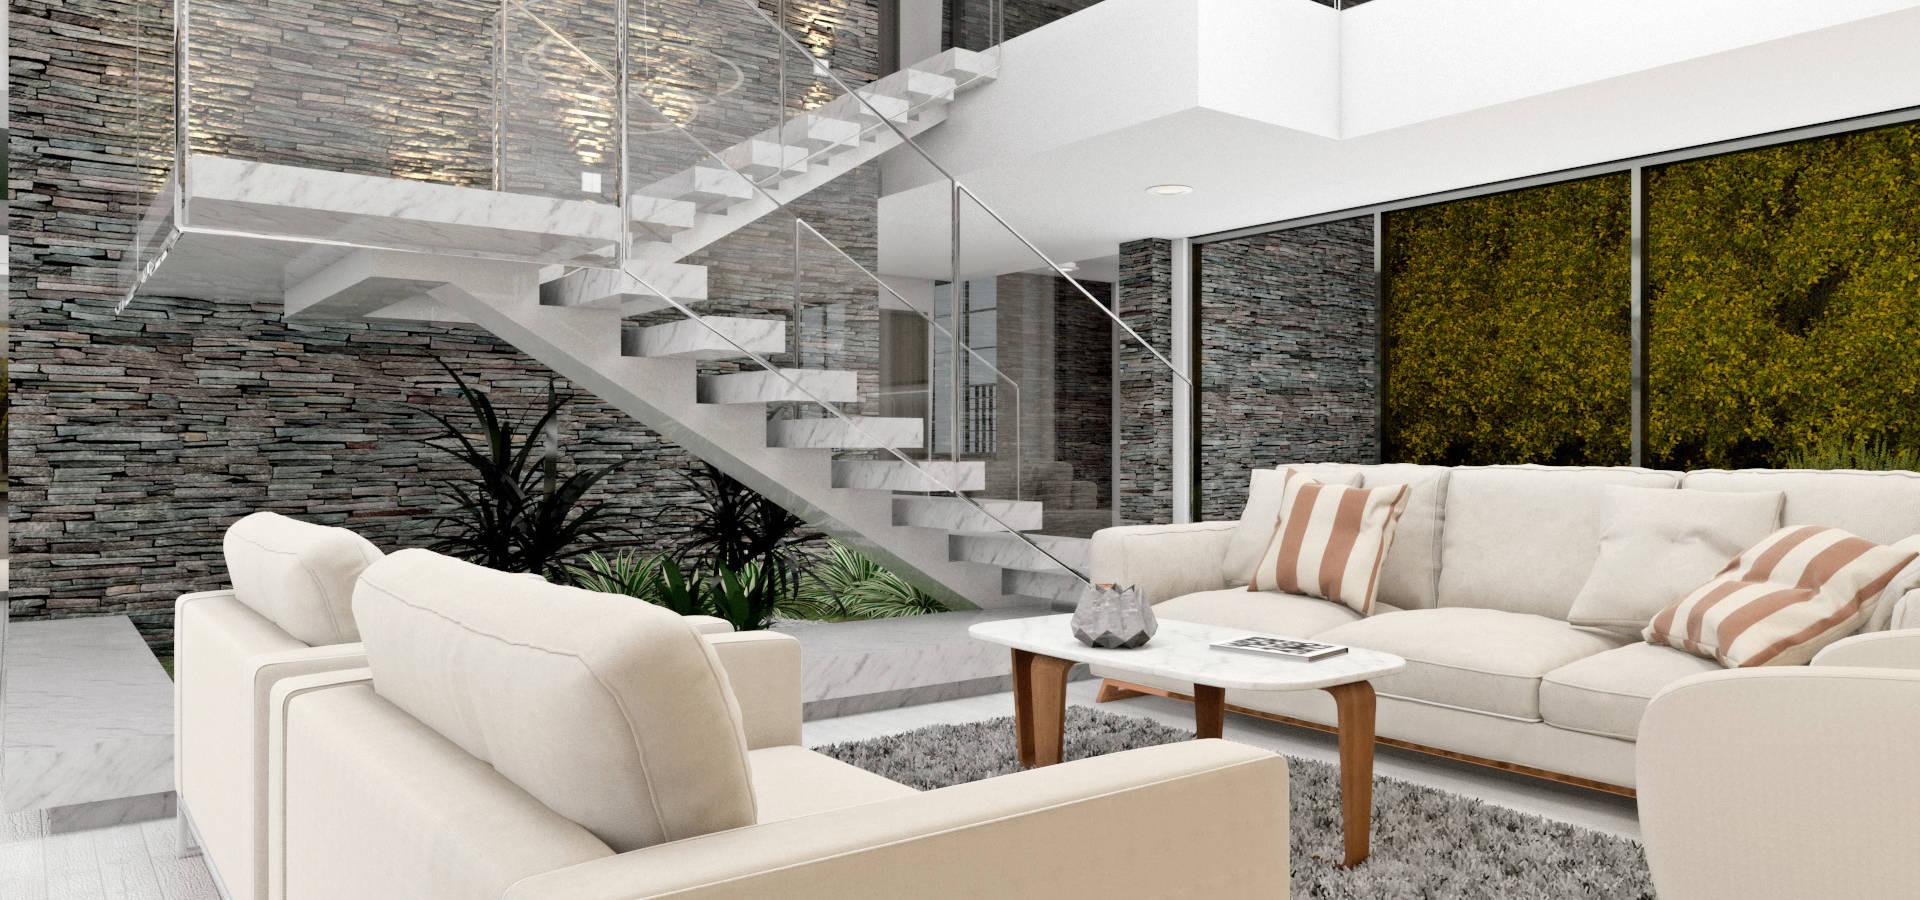 M.arquitectura